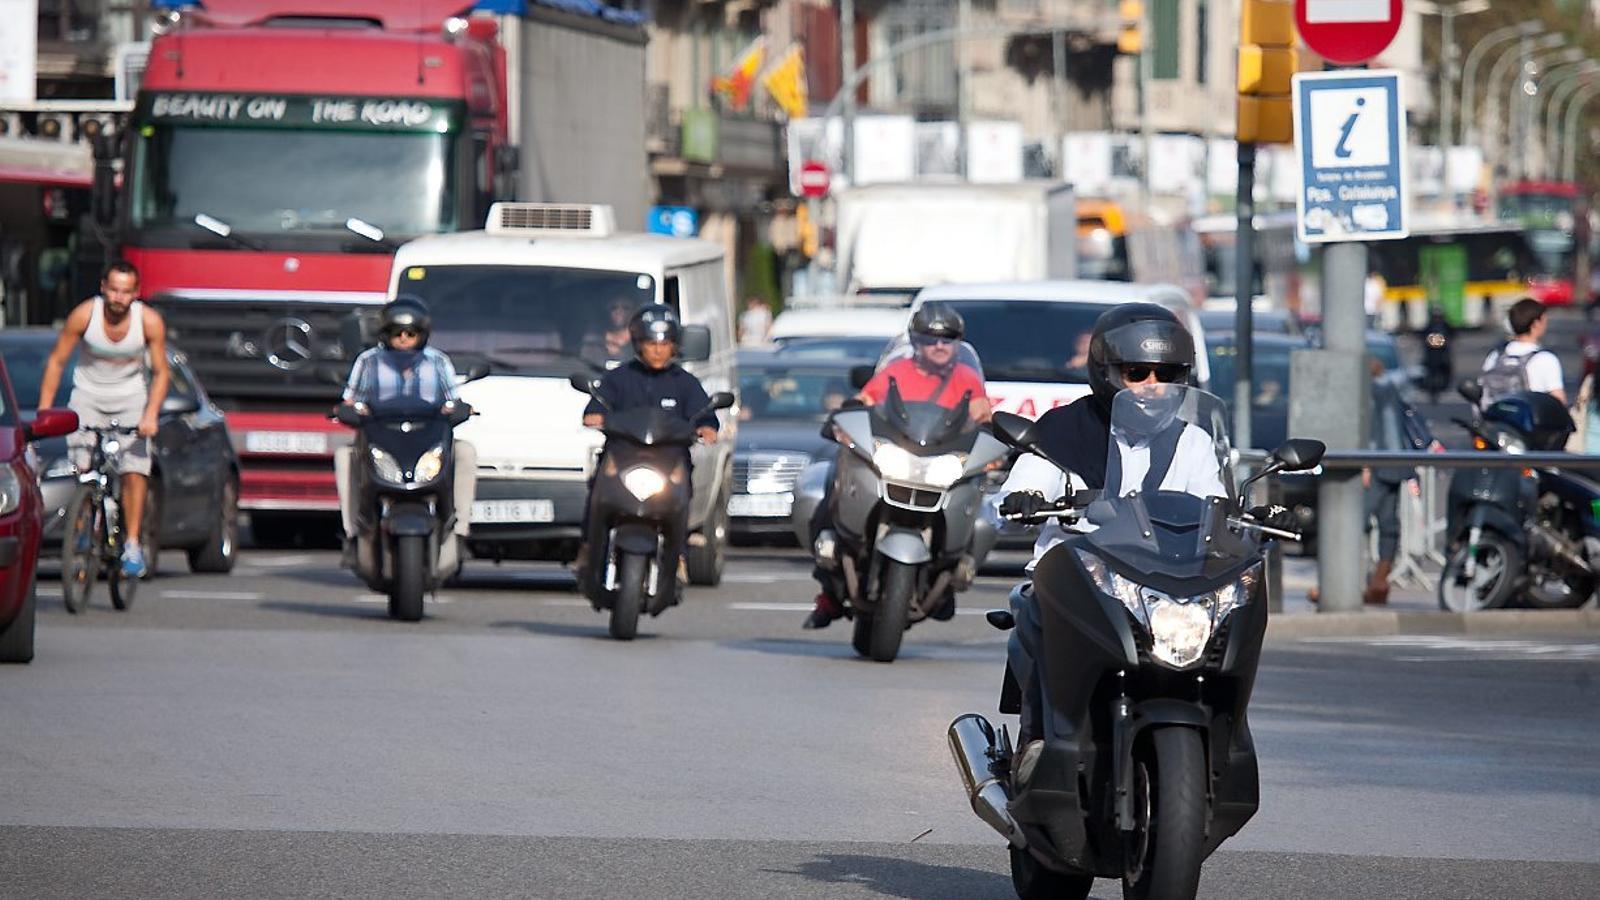 Les restriccions de trànsit en dies de contaminació s'estendran a les motos a partir del desembre